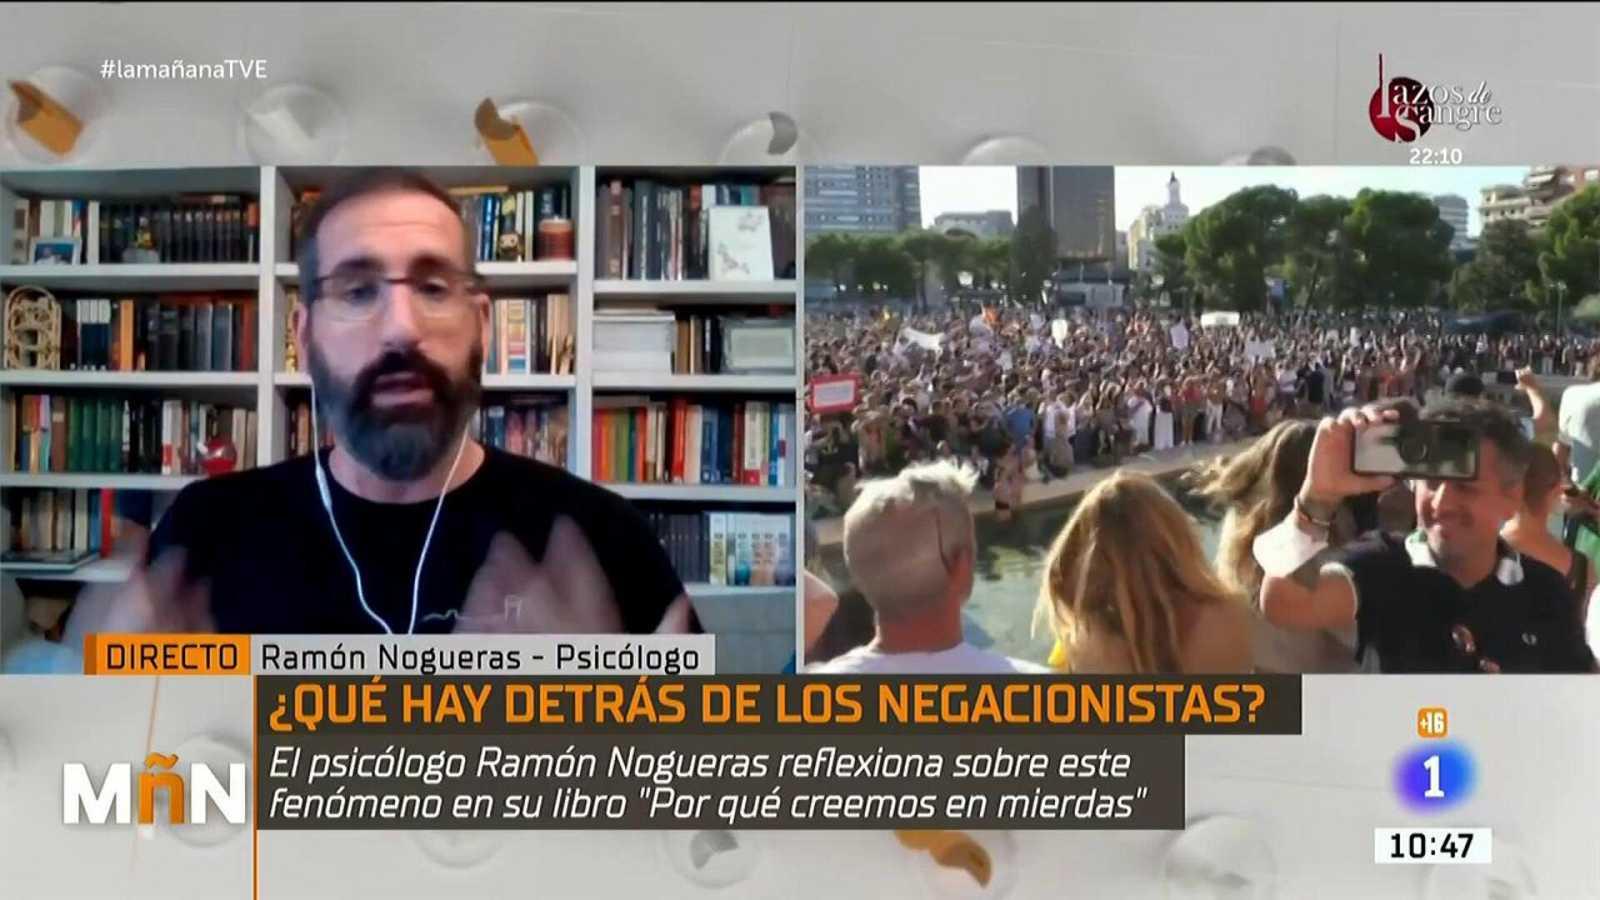 """La Mañana - El psicólogo Ramón Nogueras: """"Nunca conseguirás que un negacionista cambie de opinión"""""""